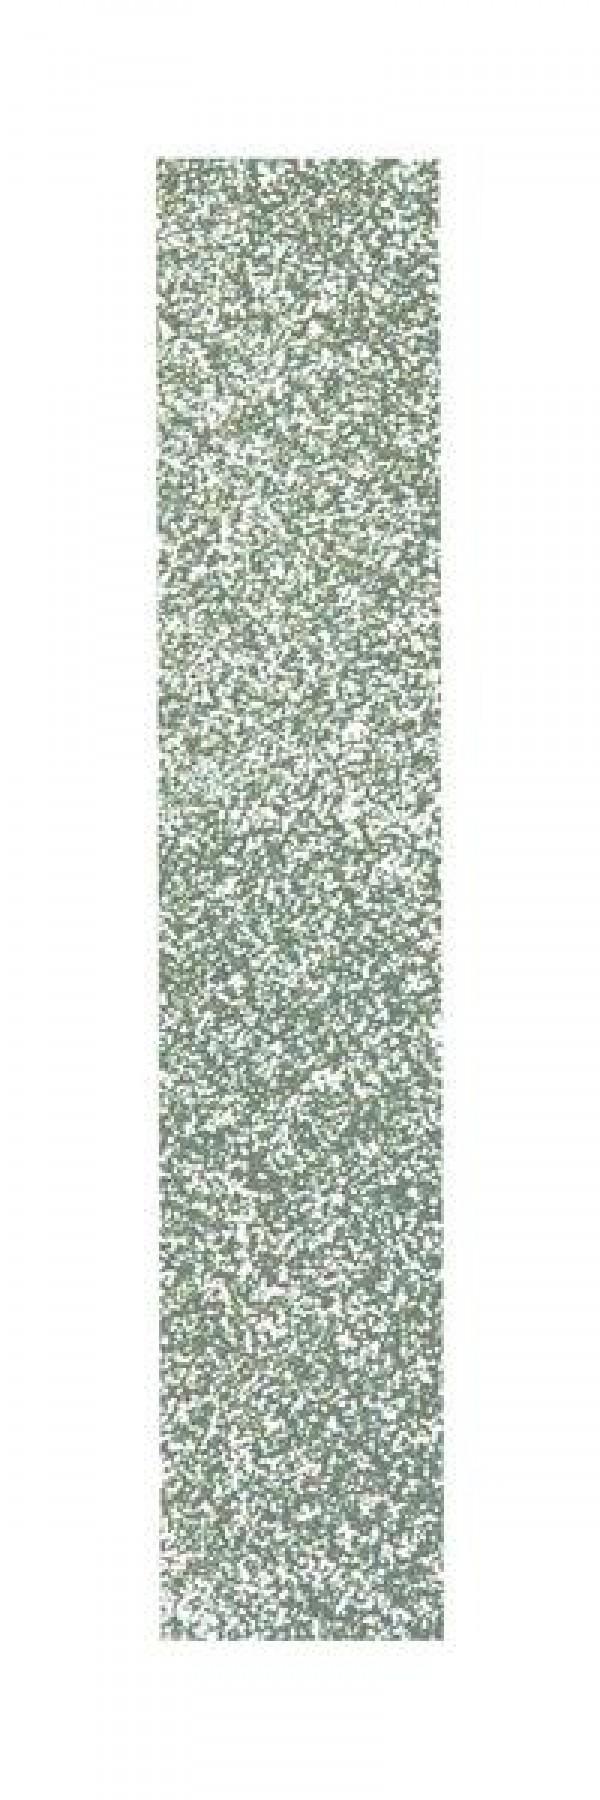 Striscia Adesiva Pastorelli Glitter Argento - 00276